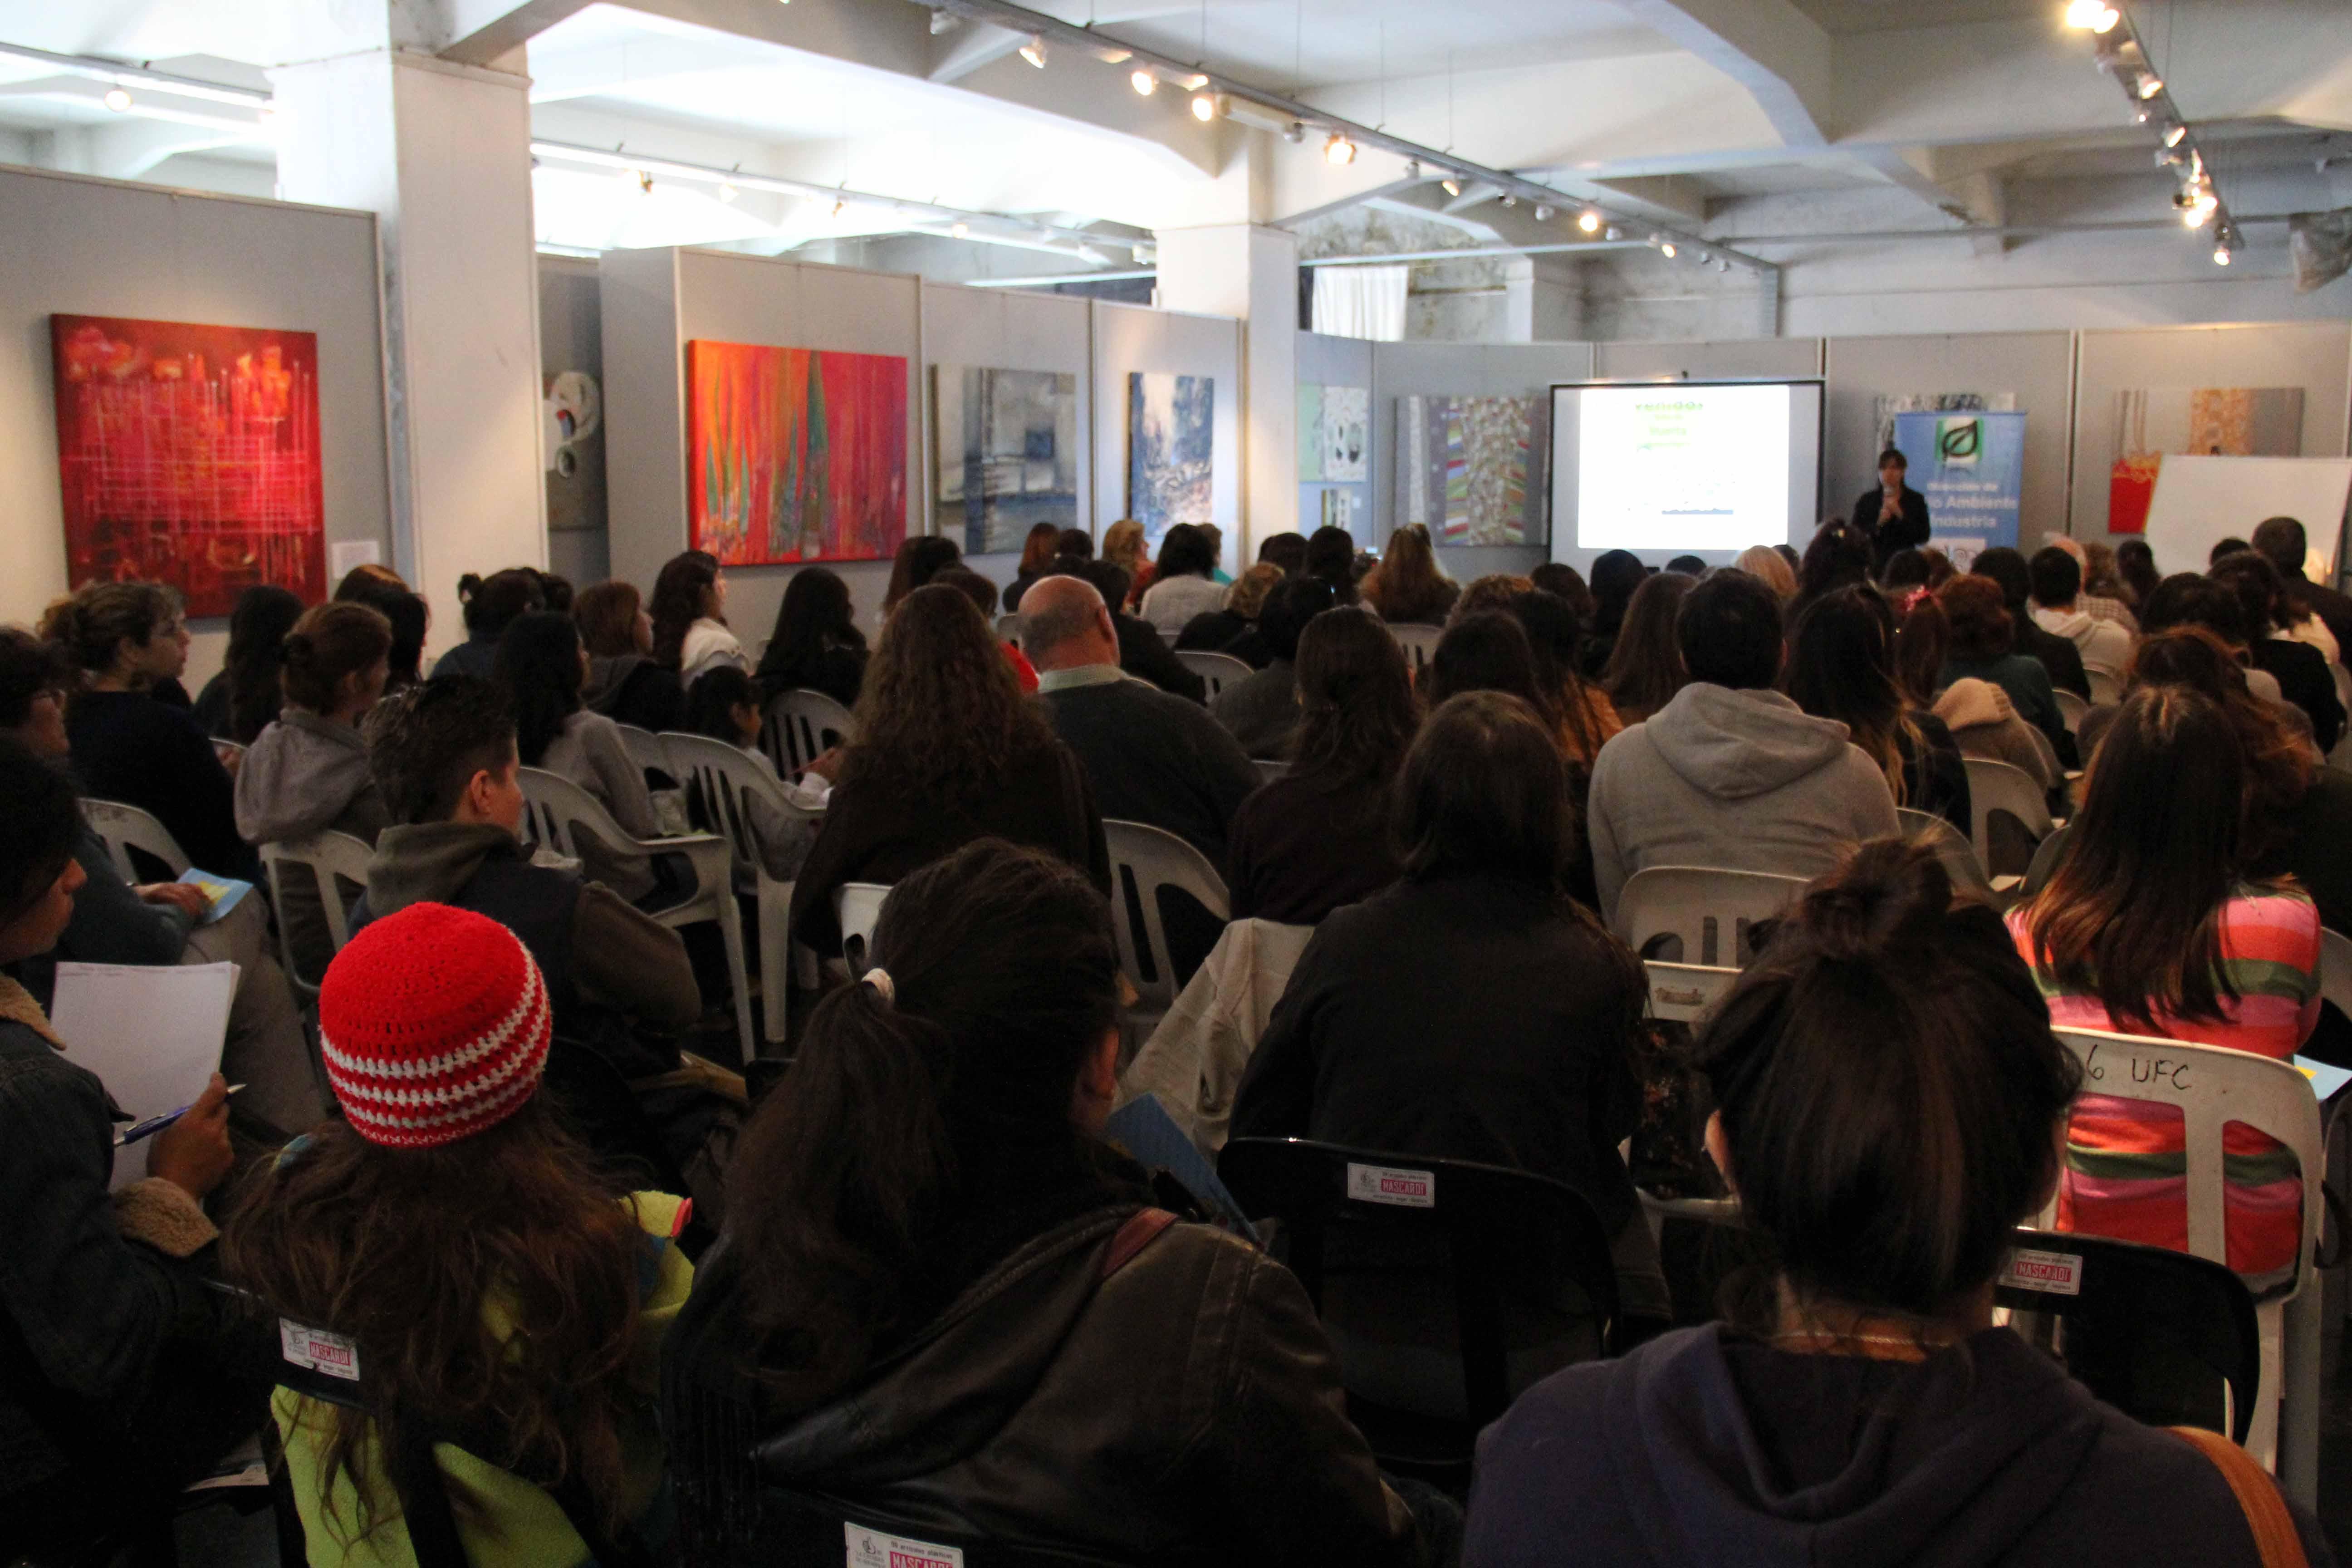 Con la participación de más de 120 vecinos, el sábado 10 de mayo se realizó el primer encuentro del segundo taller de Huerta Agroecológica abierto a la Comunidad